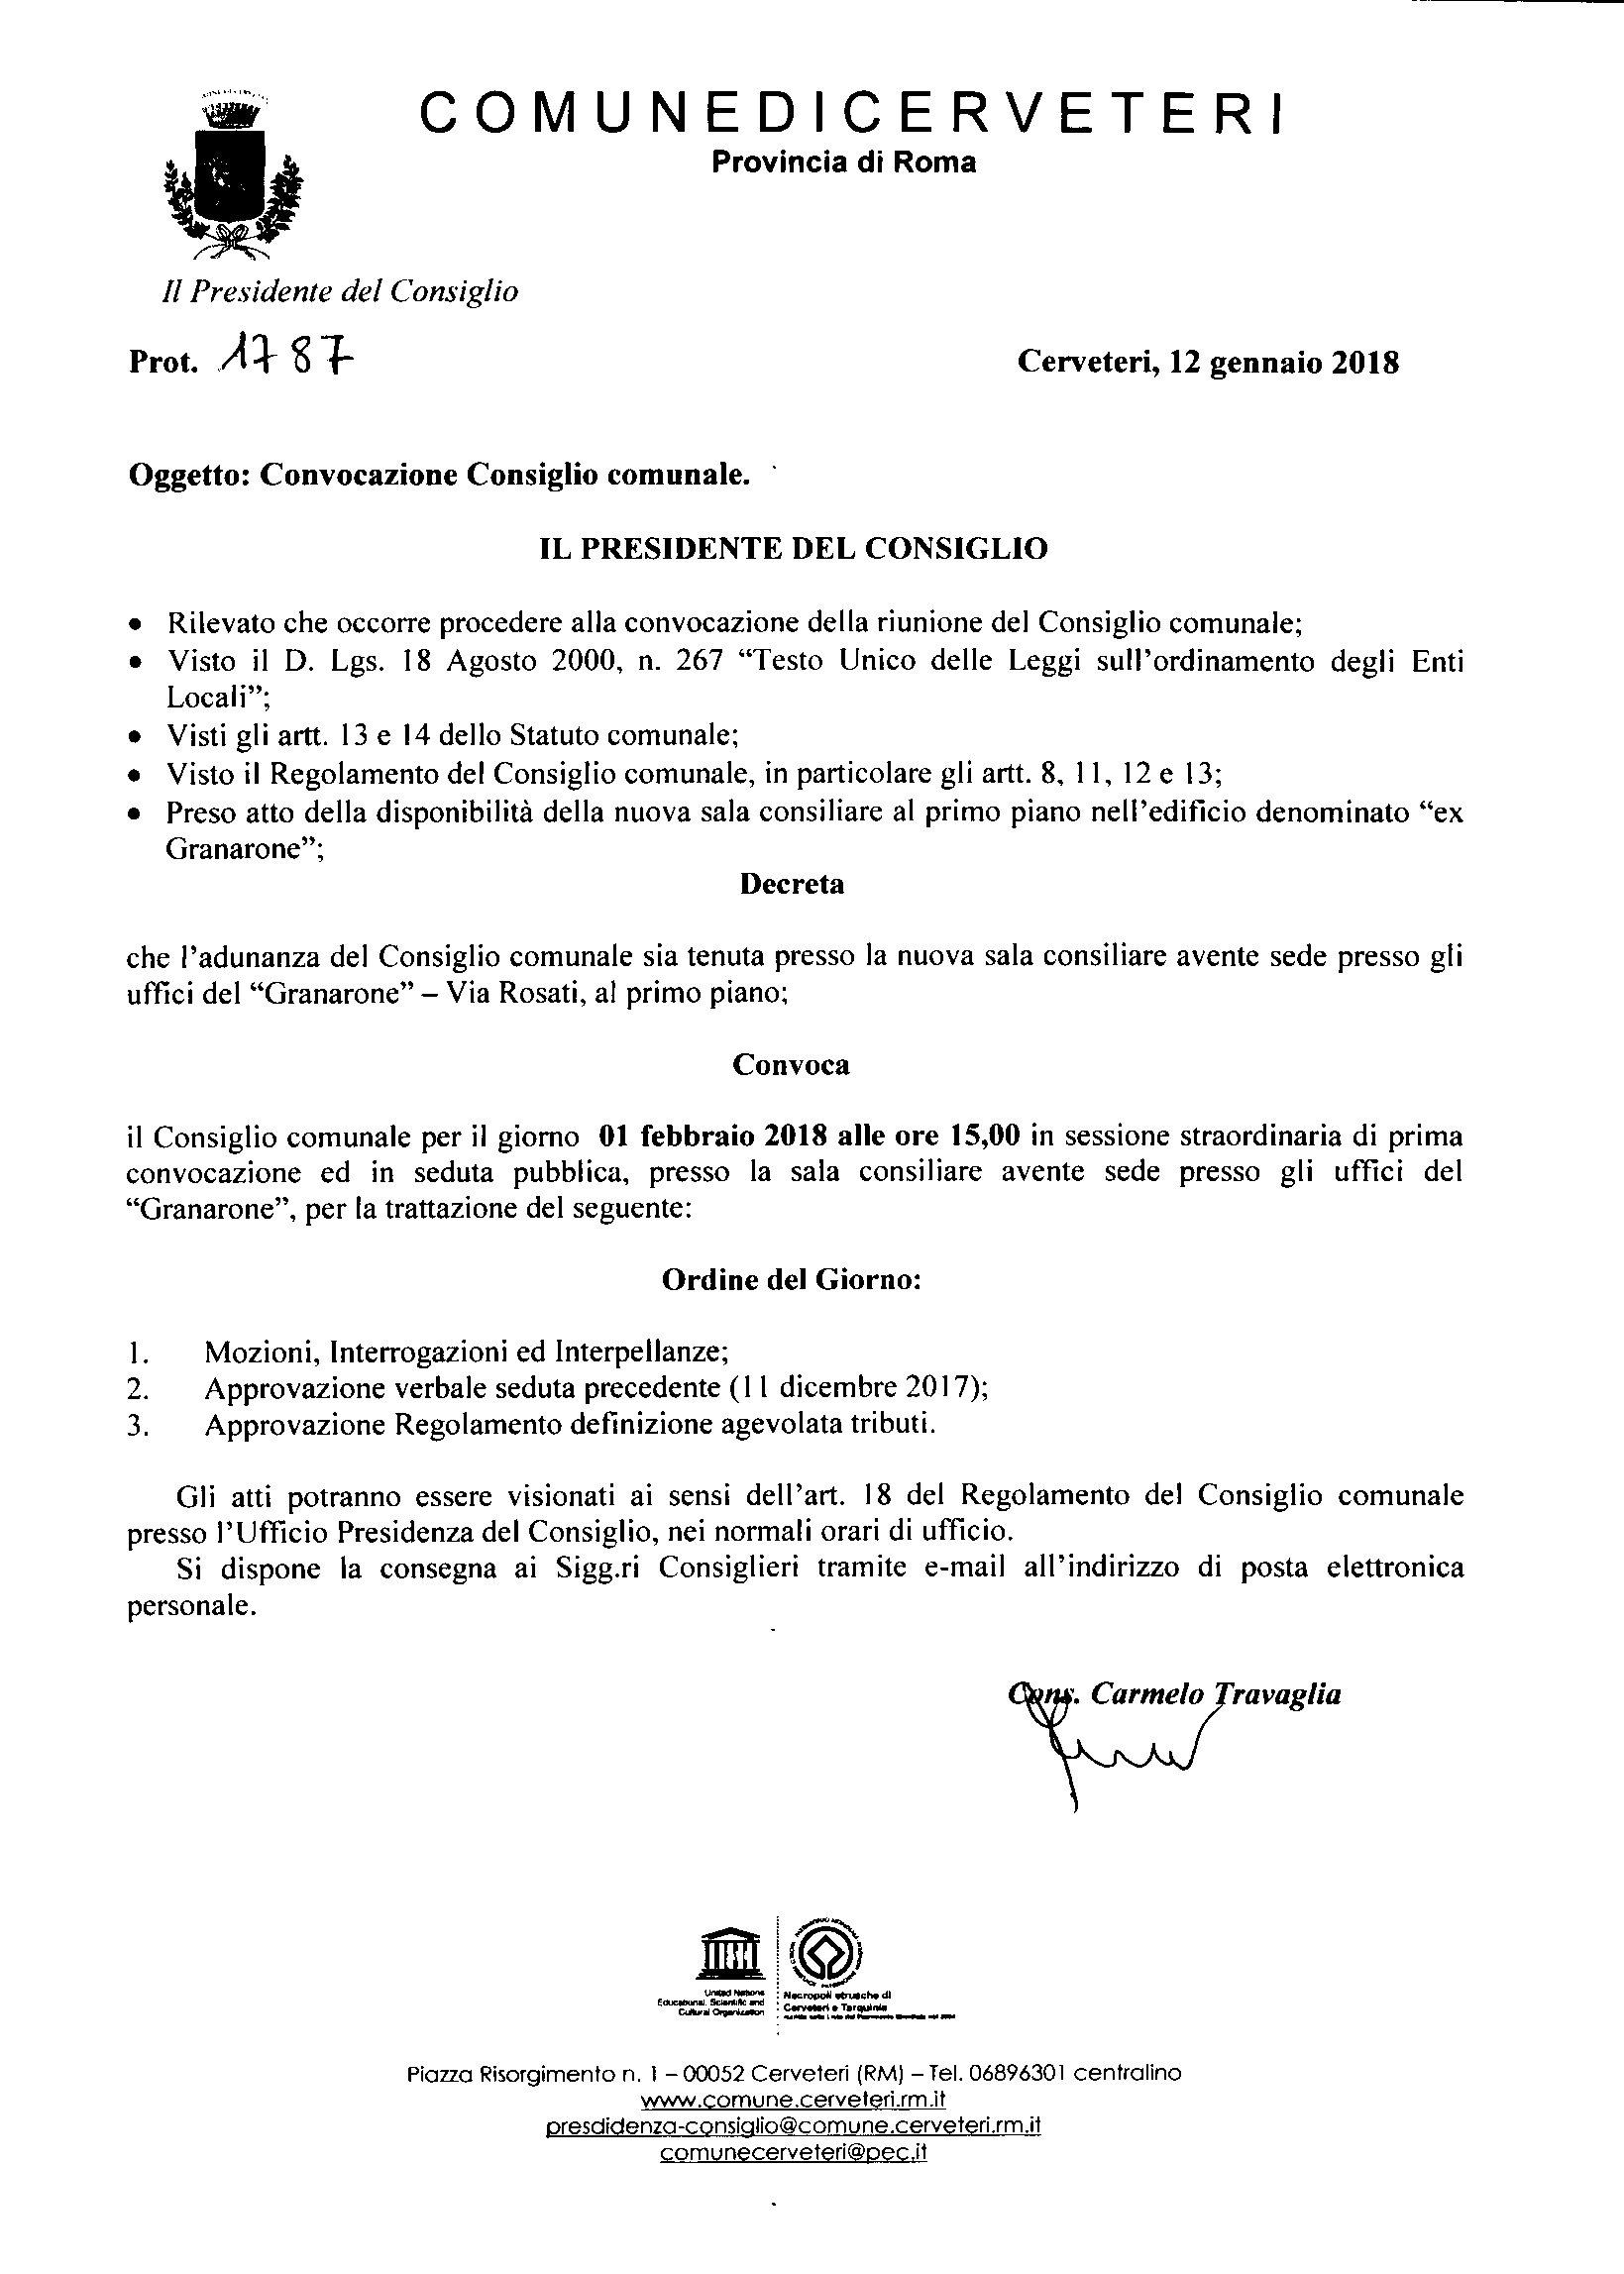 Convocazione Consiglio Comunale del 01/02/2018